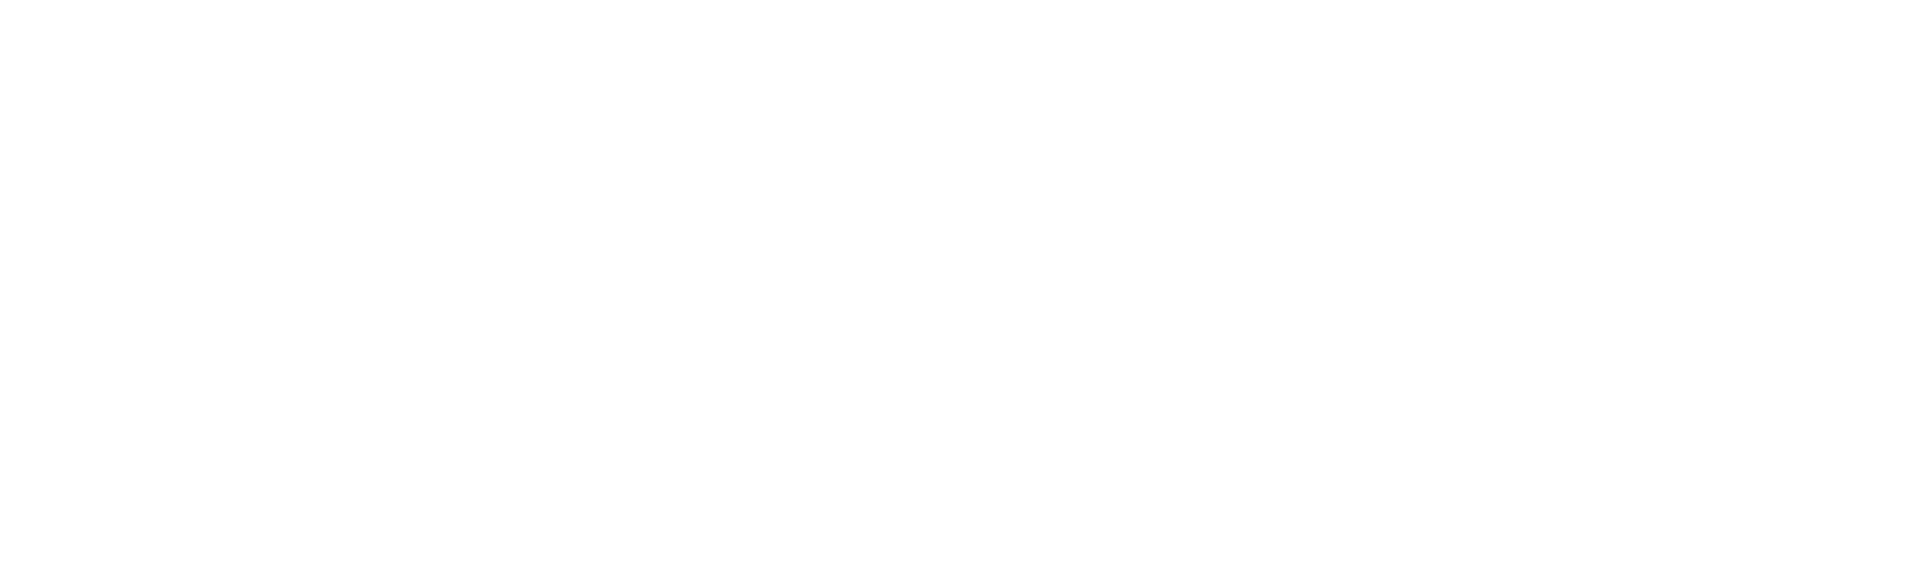 diverse capture pet, portrait photography Sudbury Suffolk